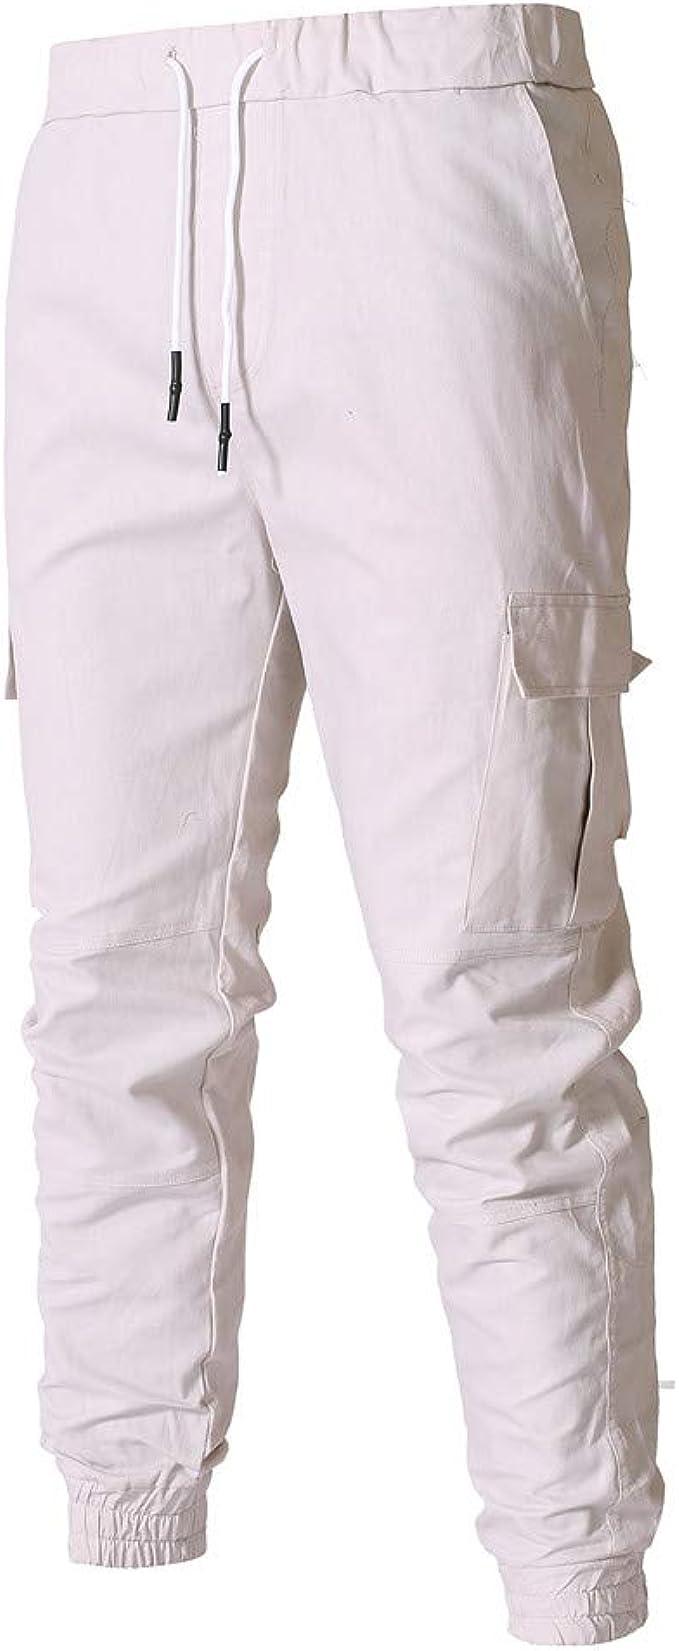 Moda Pantalones Hombre Cuerda Elasticos Vestir Deporte Color Puro ...